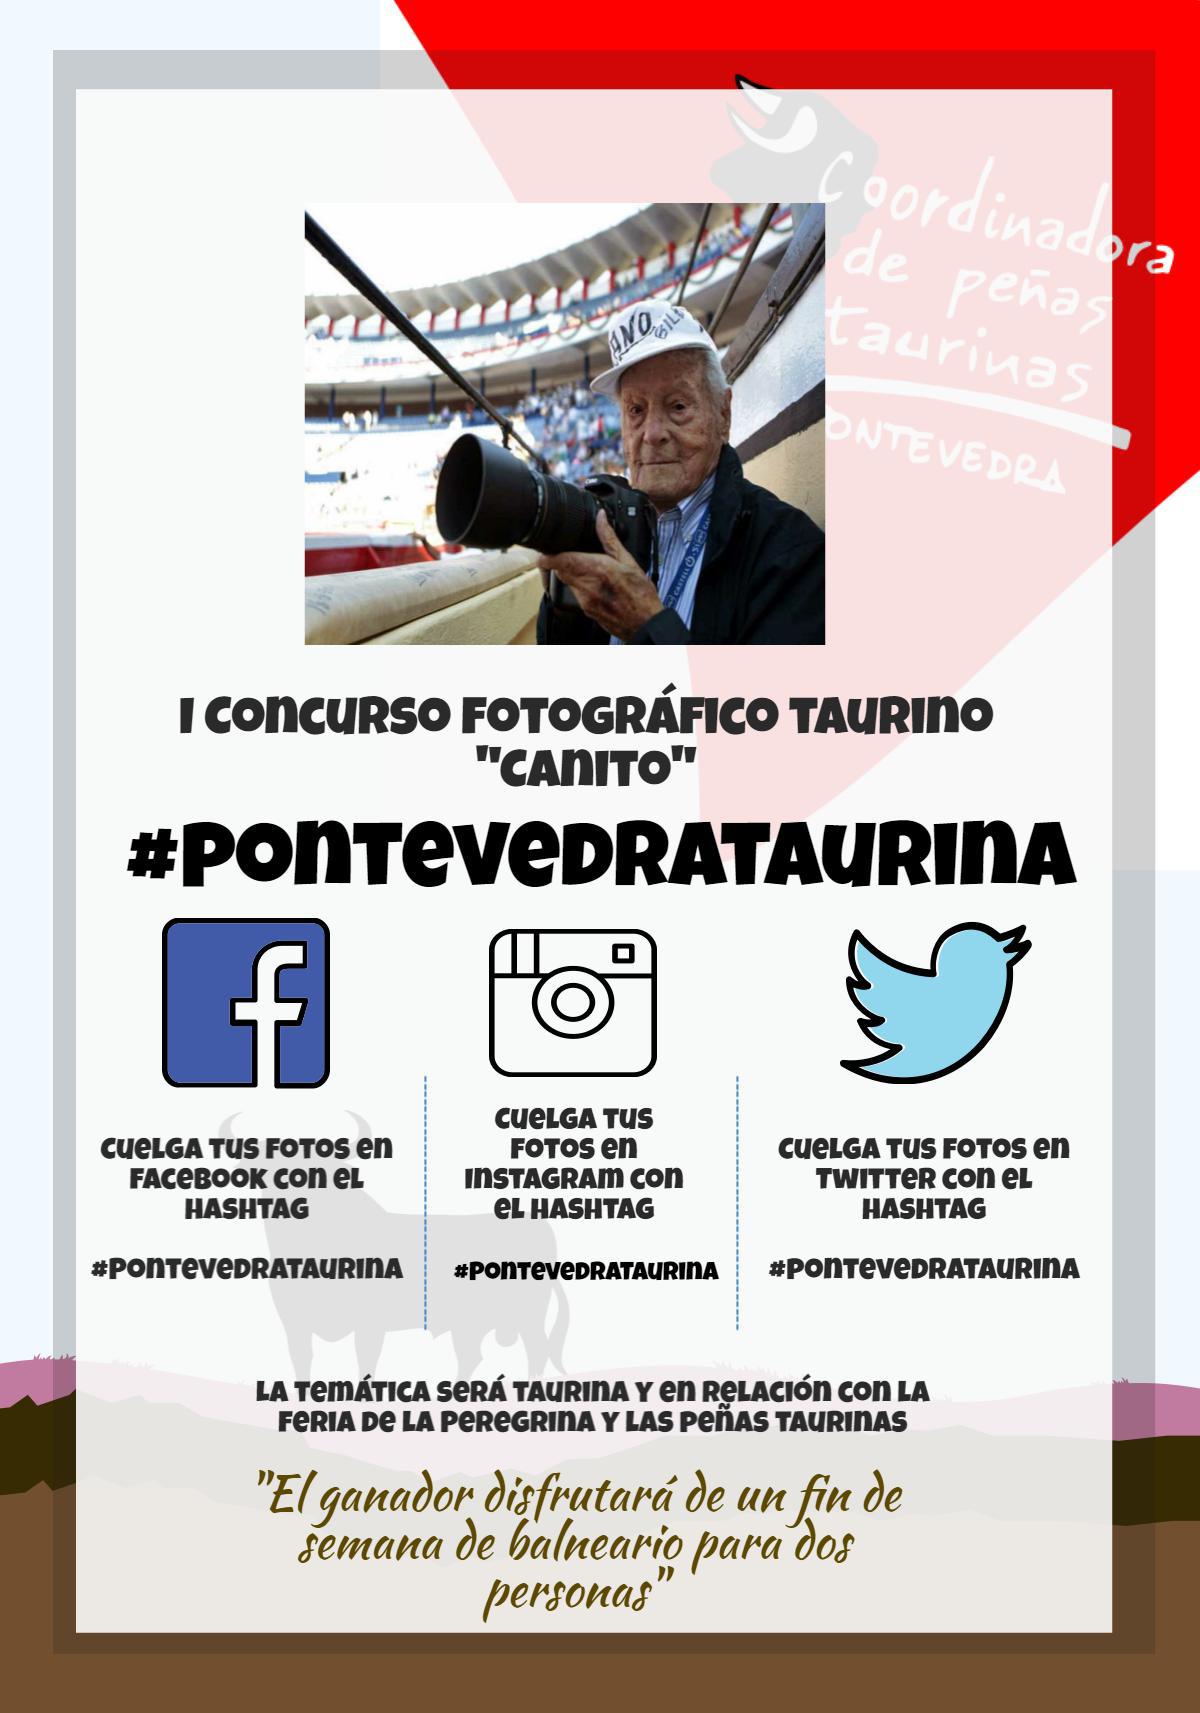 """I Concurso Fotográfico """"Canito"""""""